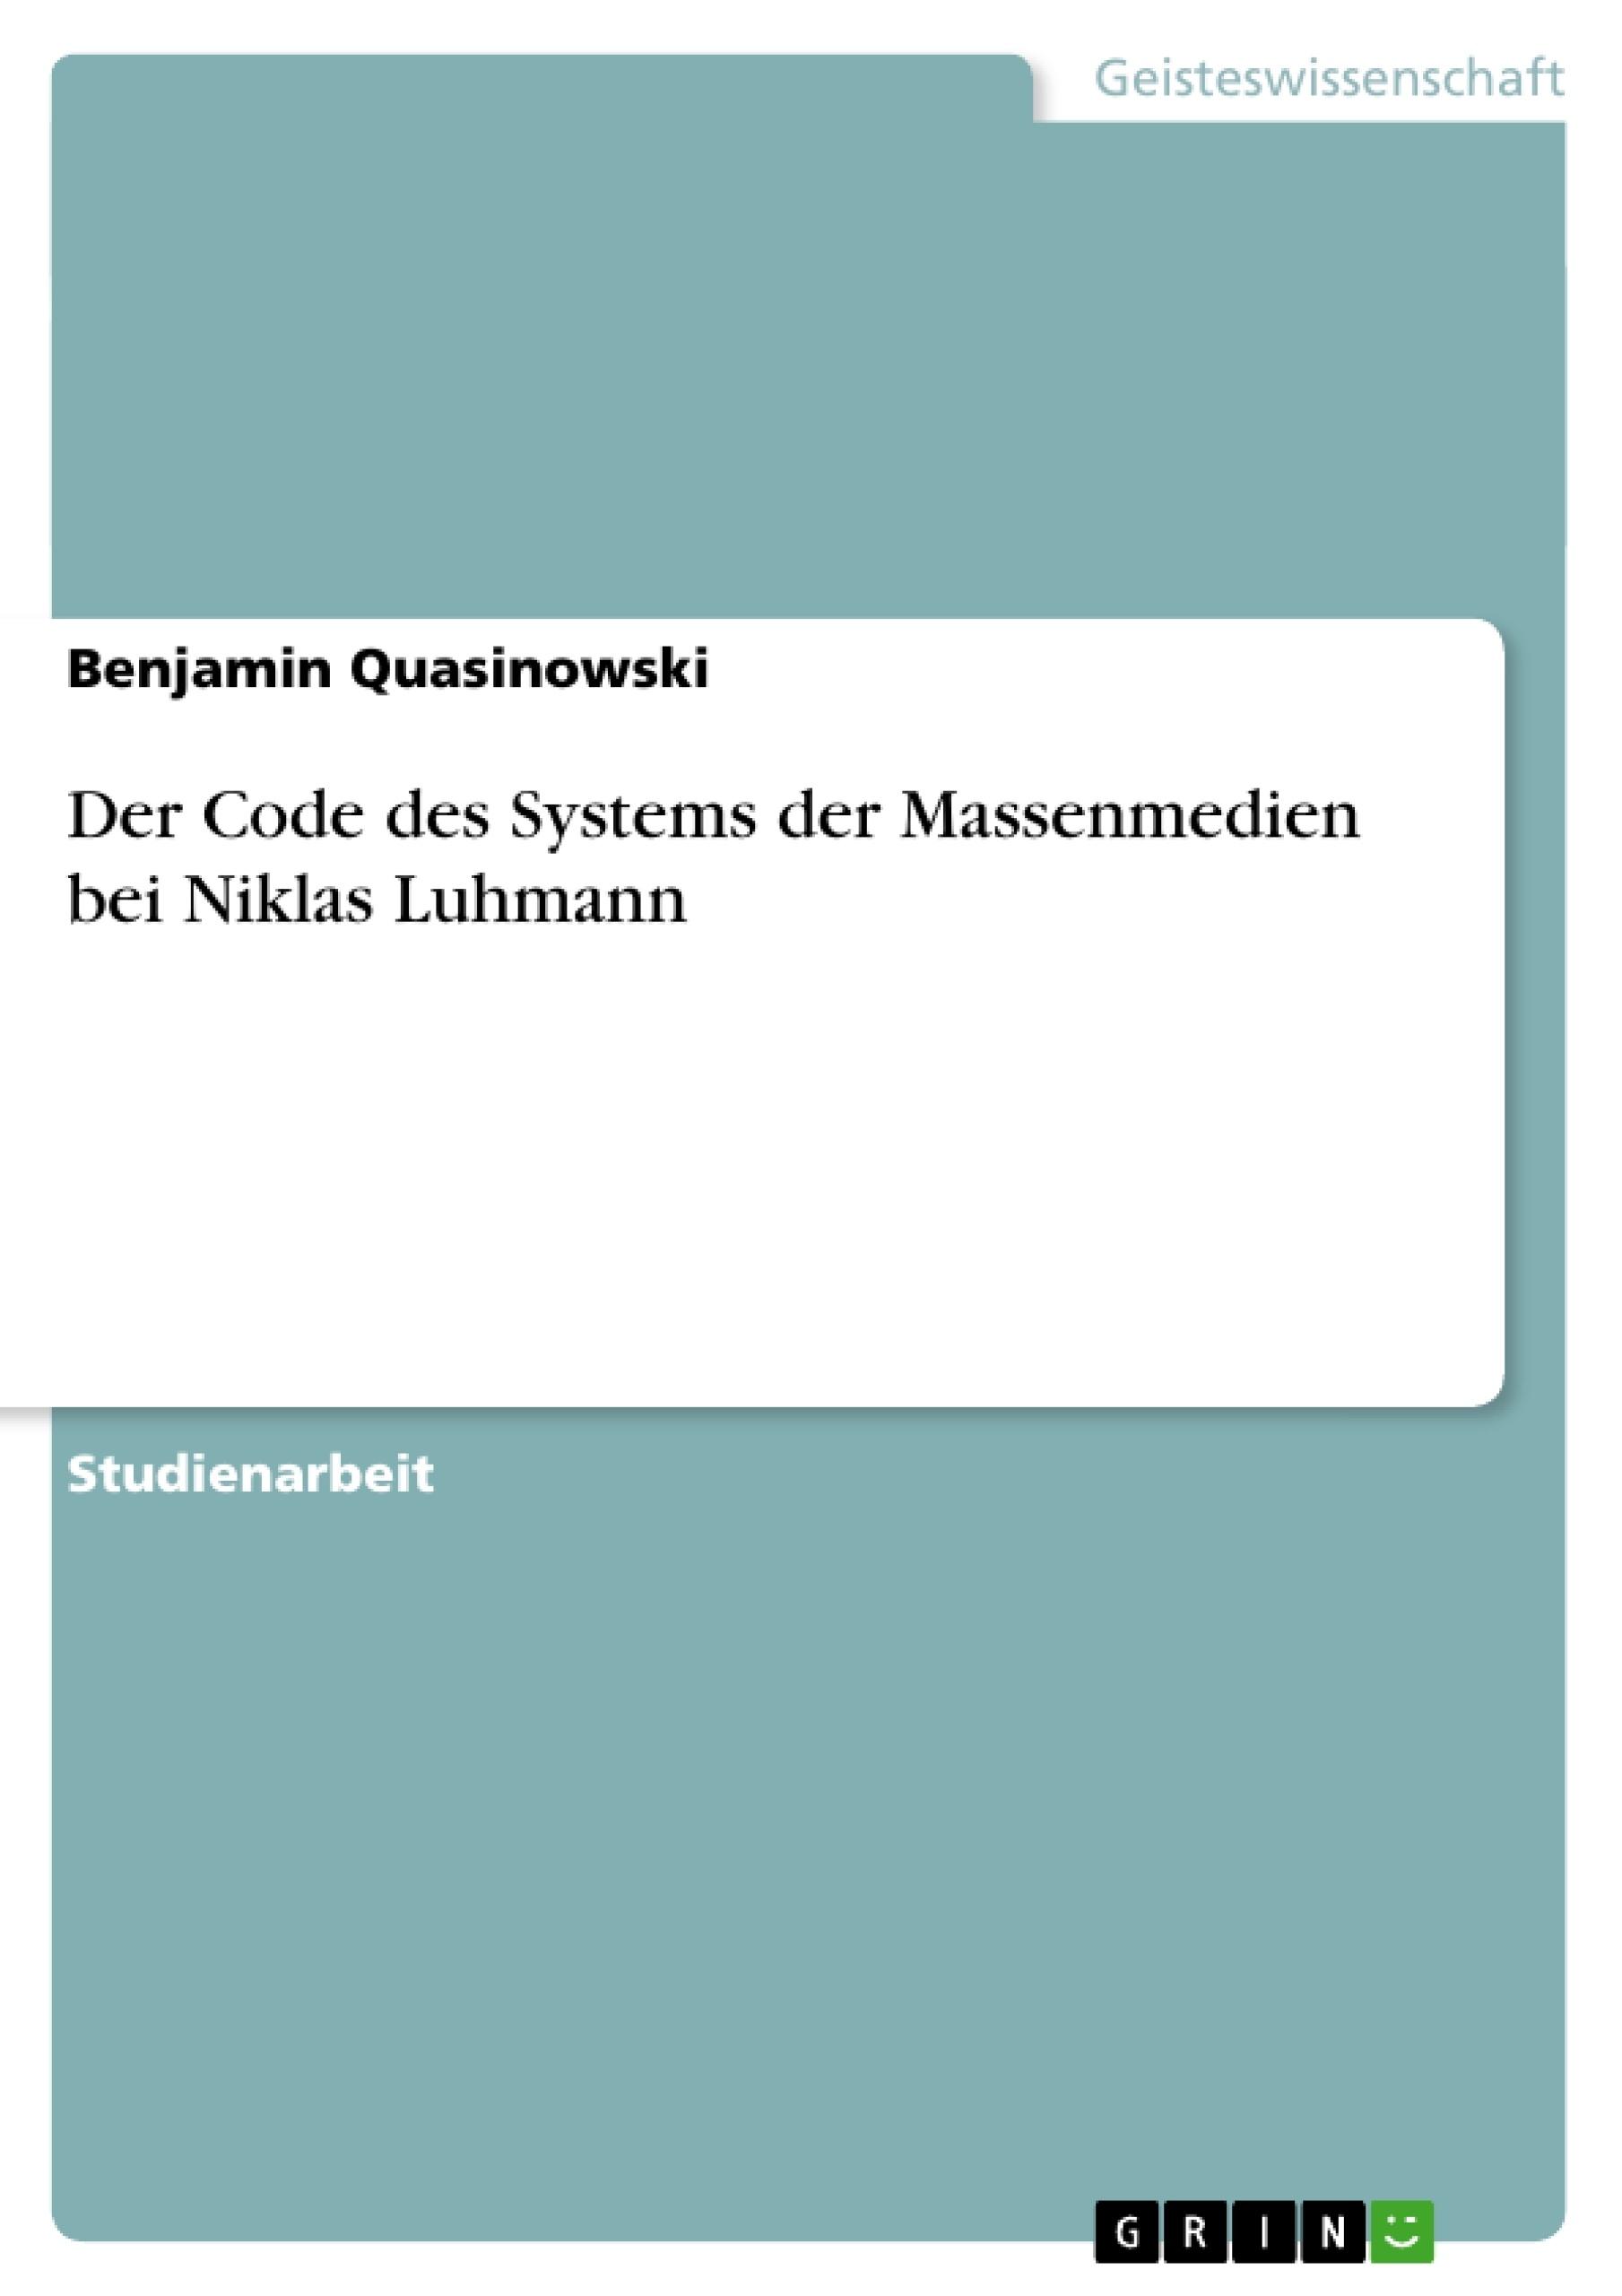 Titel: Der Code des Systems der Massenmedien bei Niklas Luhmann